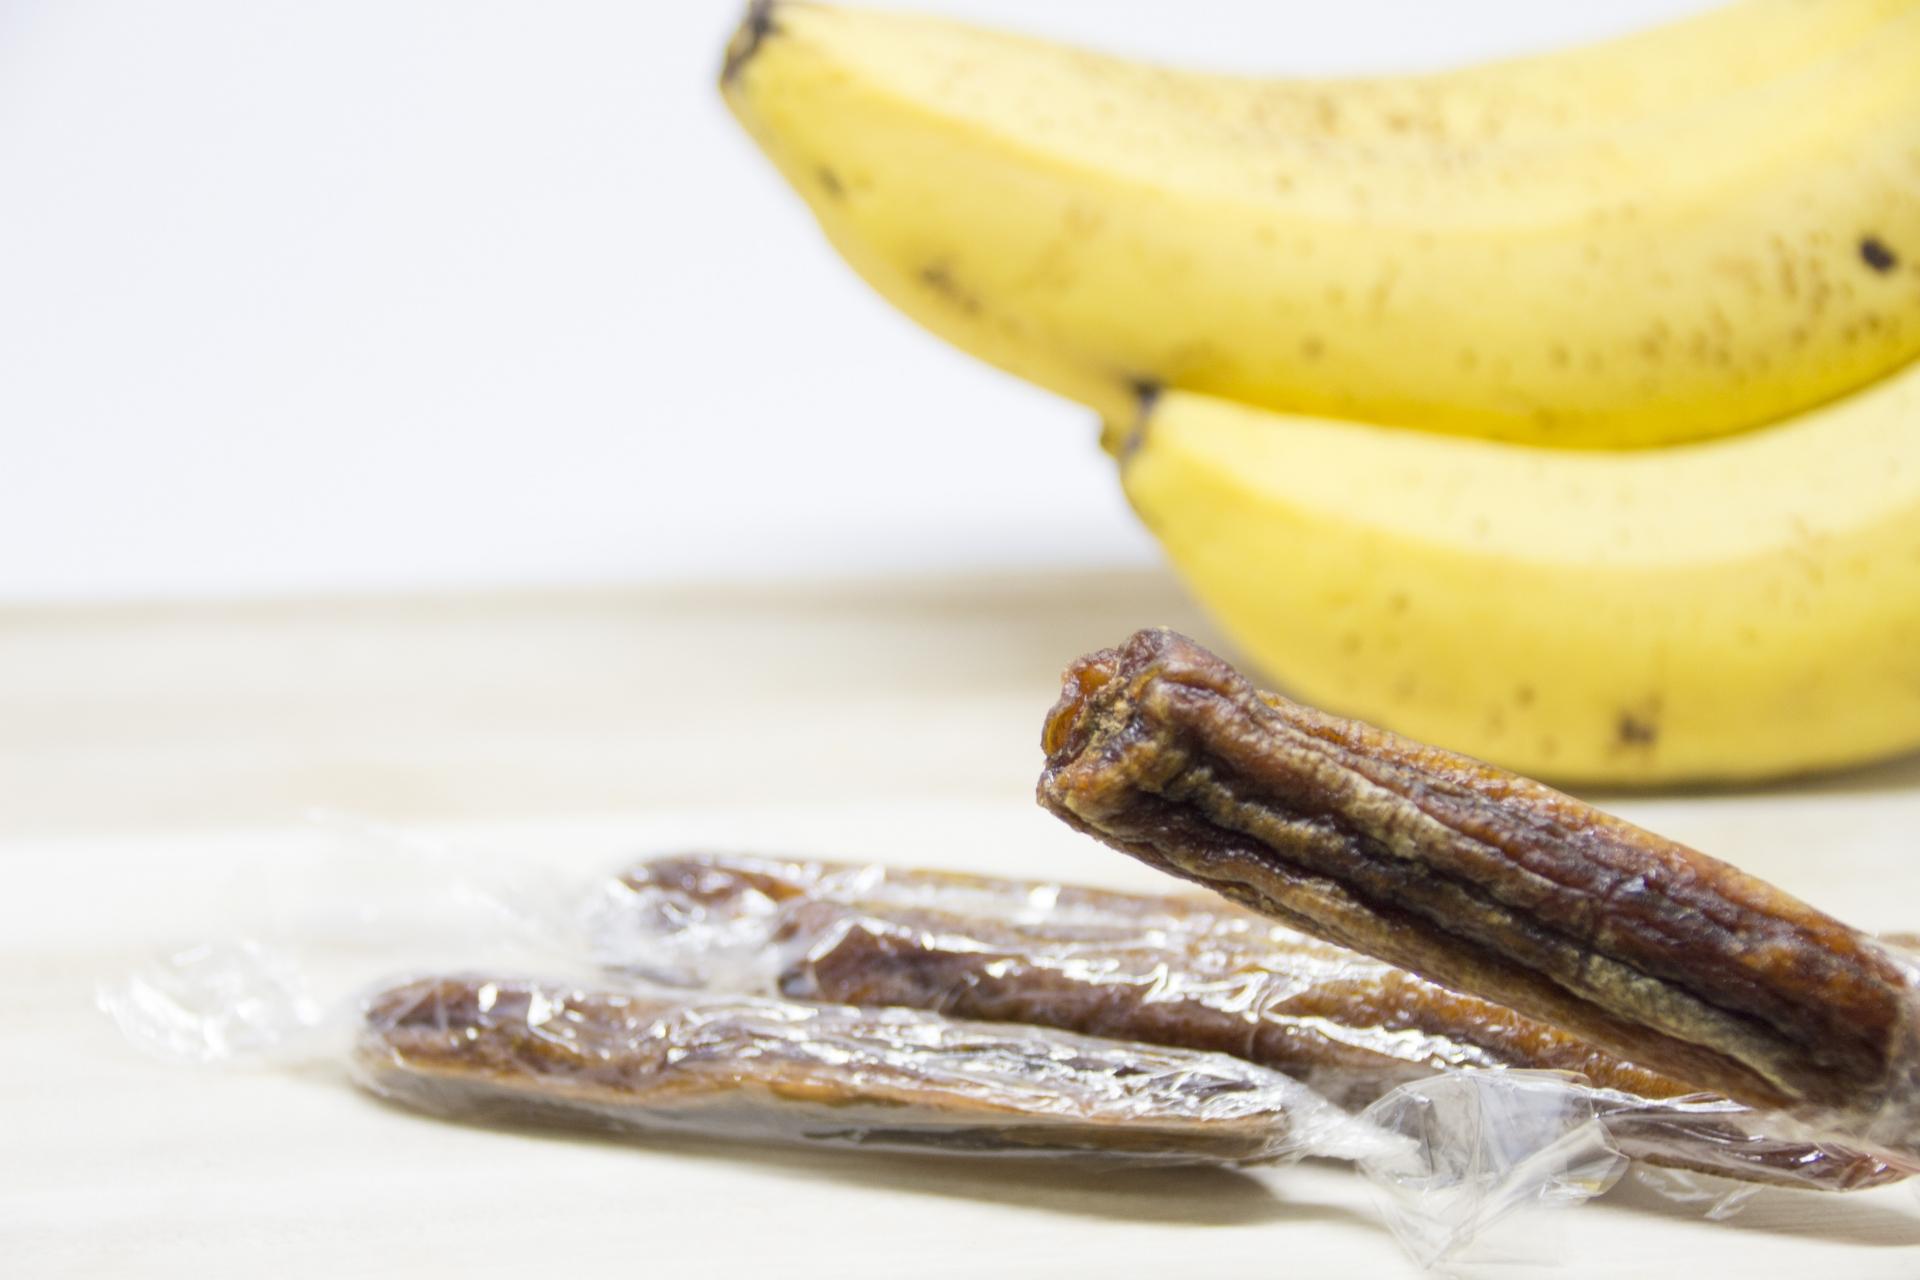 バナナは干すことで栄養価アップ?切って干すだけ!簡単ドライバナナ